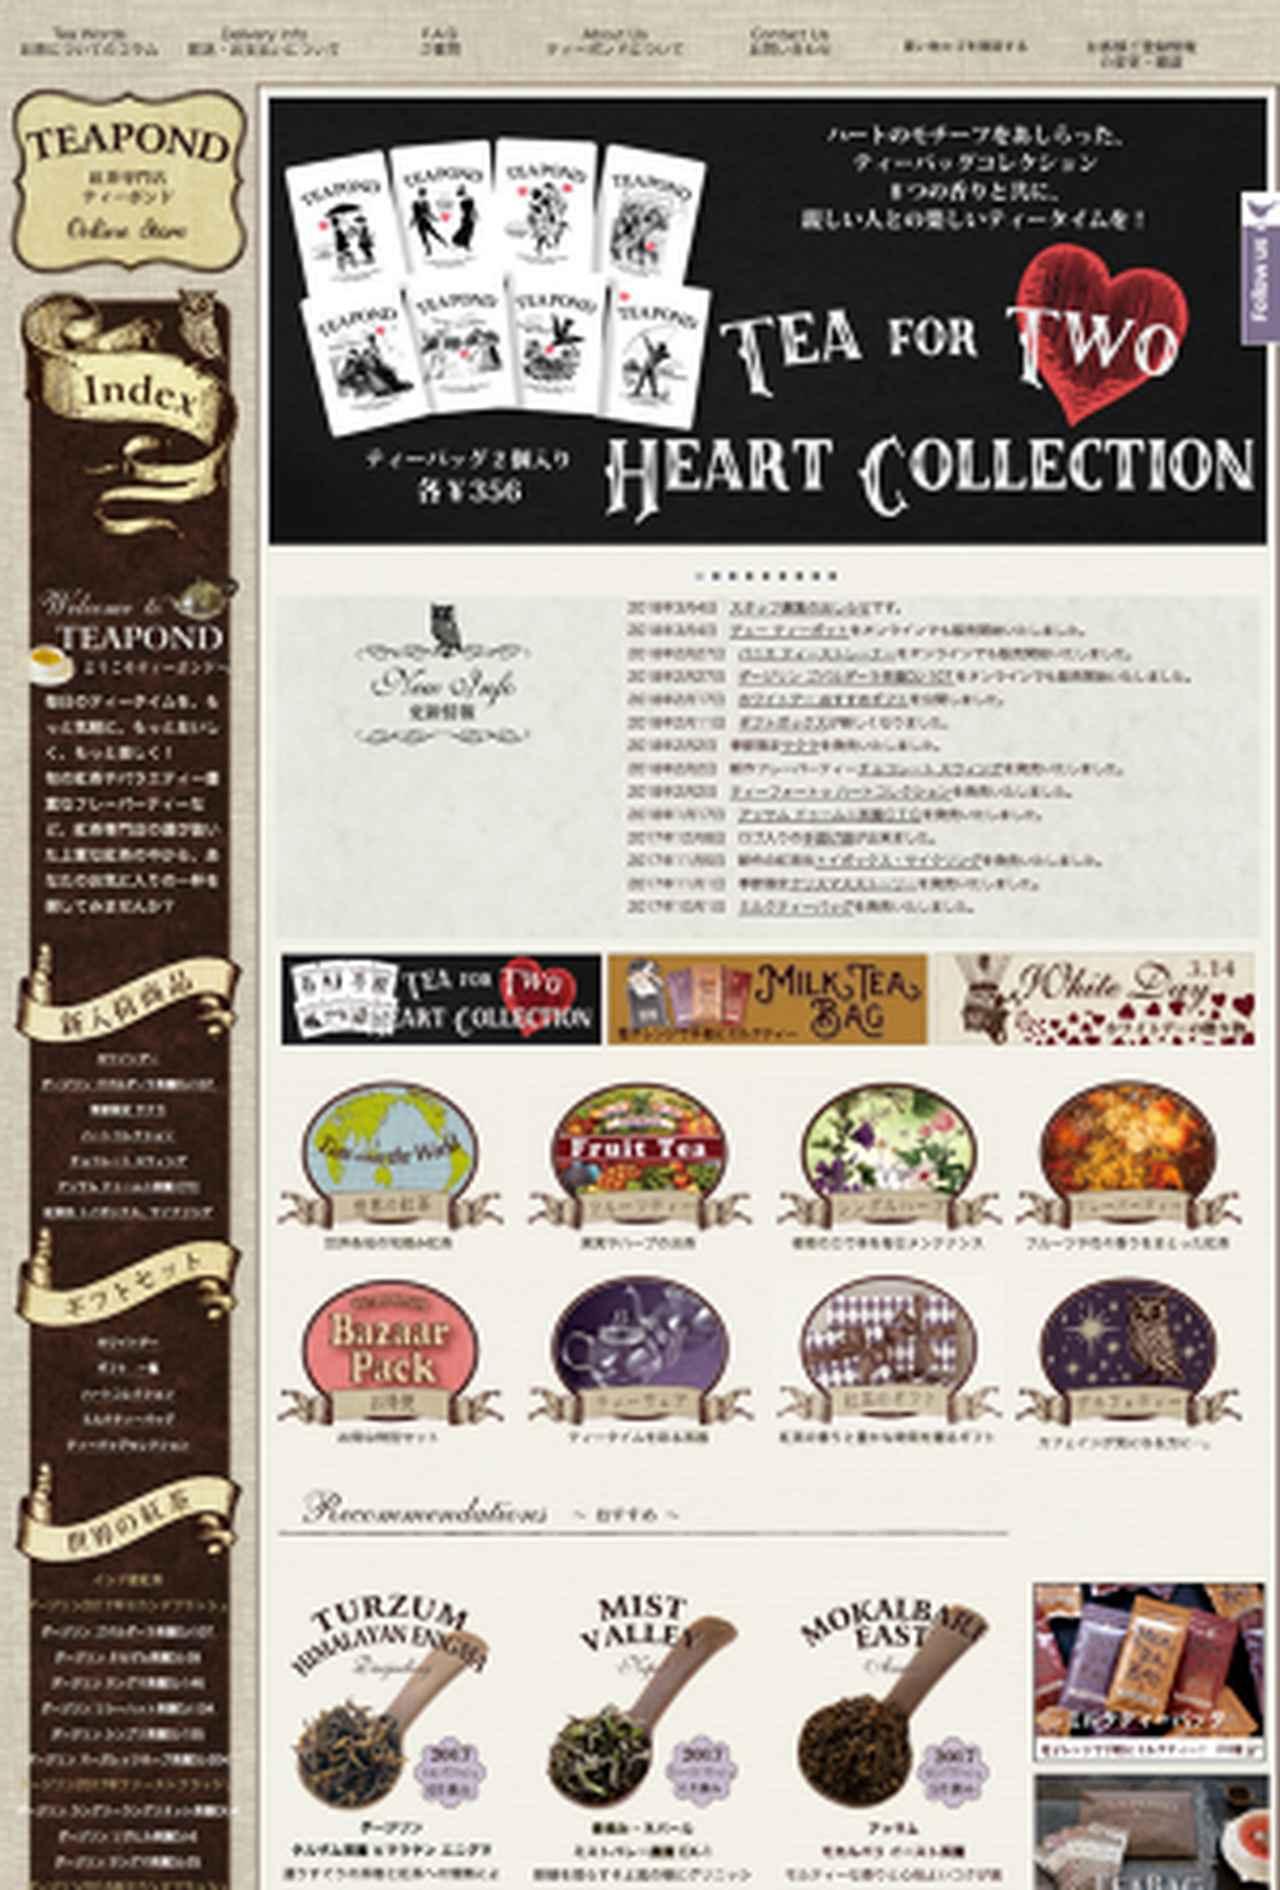 画像: ホワイトデー おすすめプチギフト 紅茶専門店 TEAPOND ティーポンド